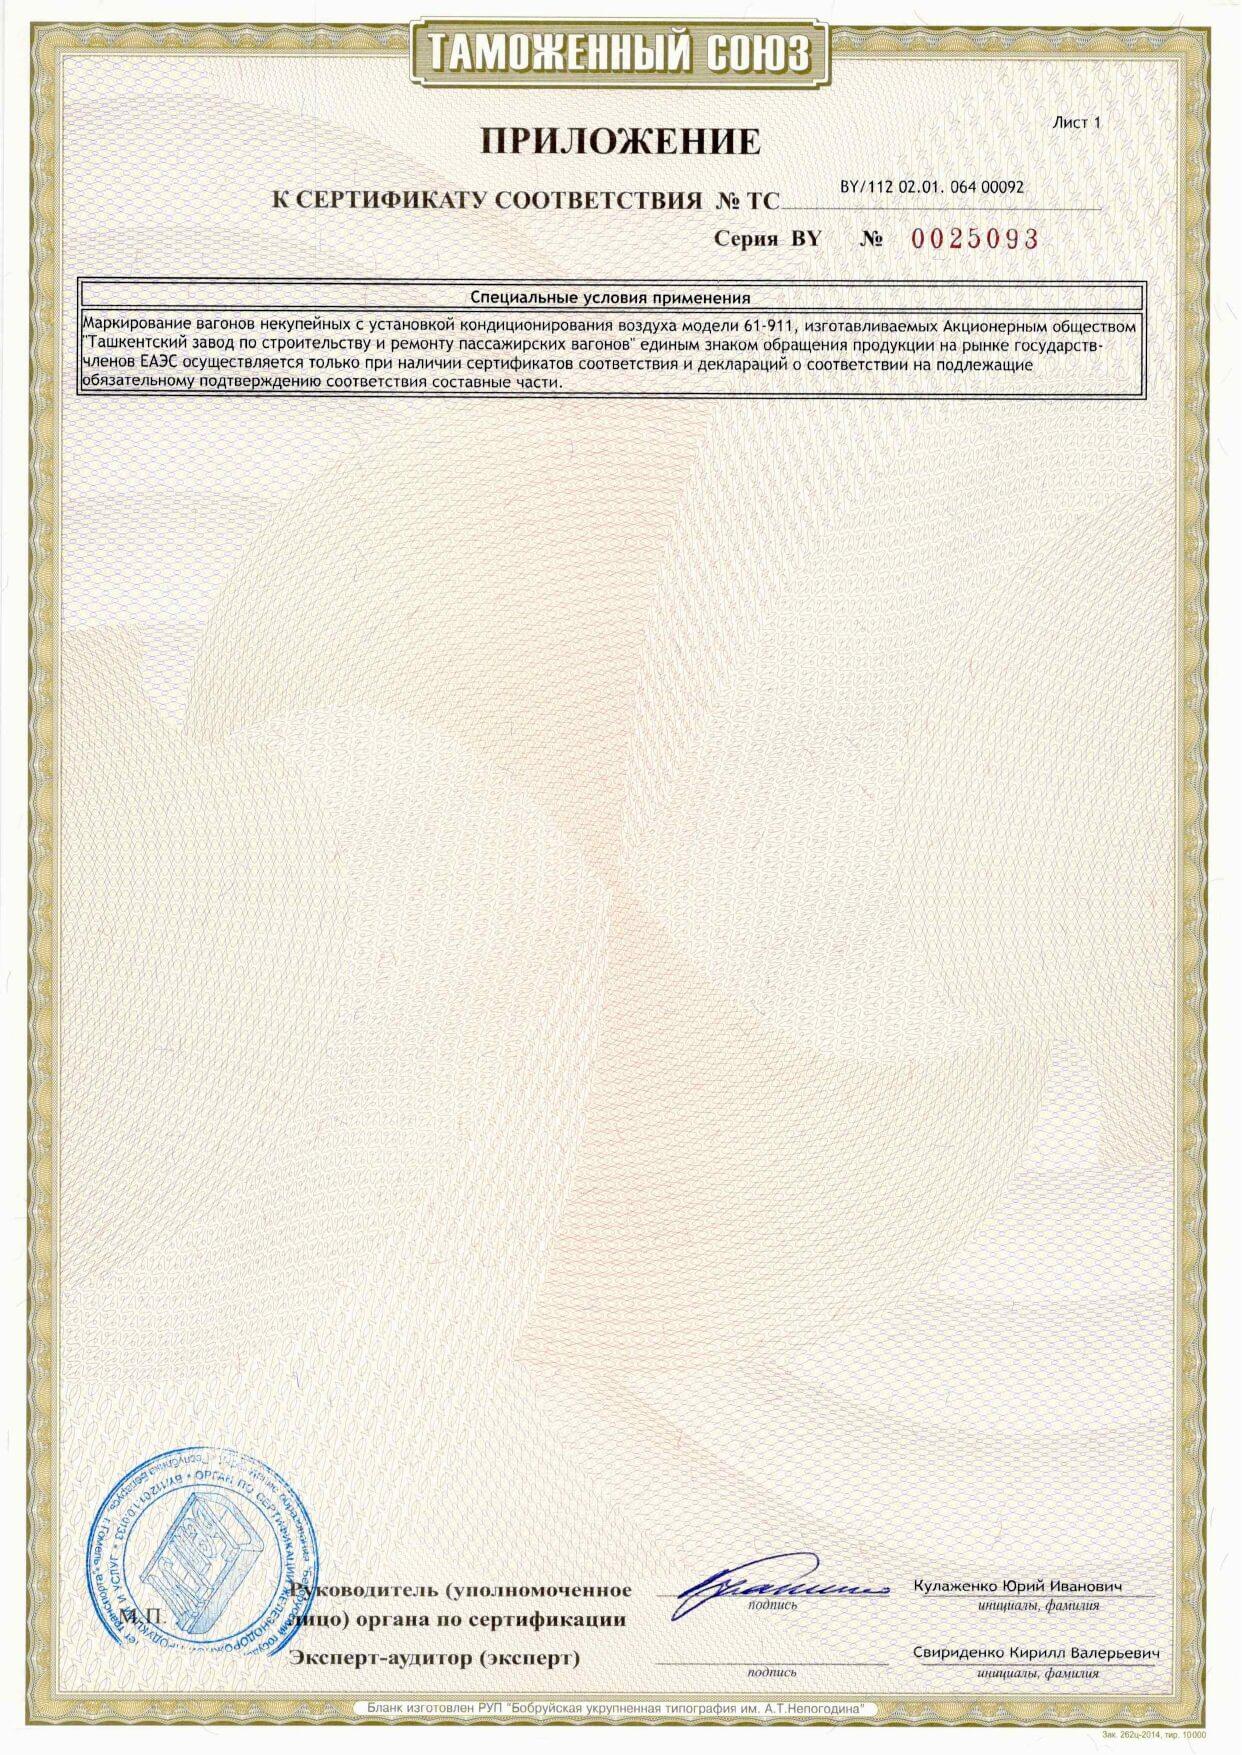 Сертификат на ЦМО (пассажирский не купейный вагон)_page-0002